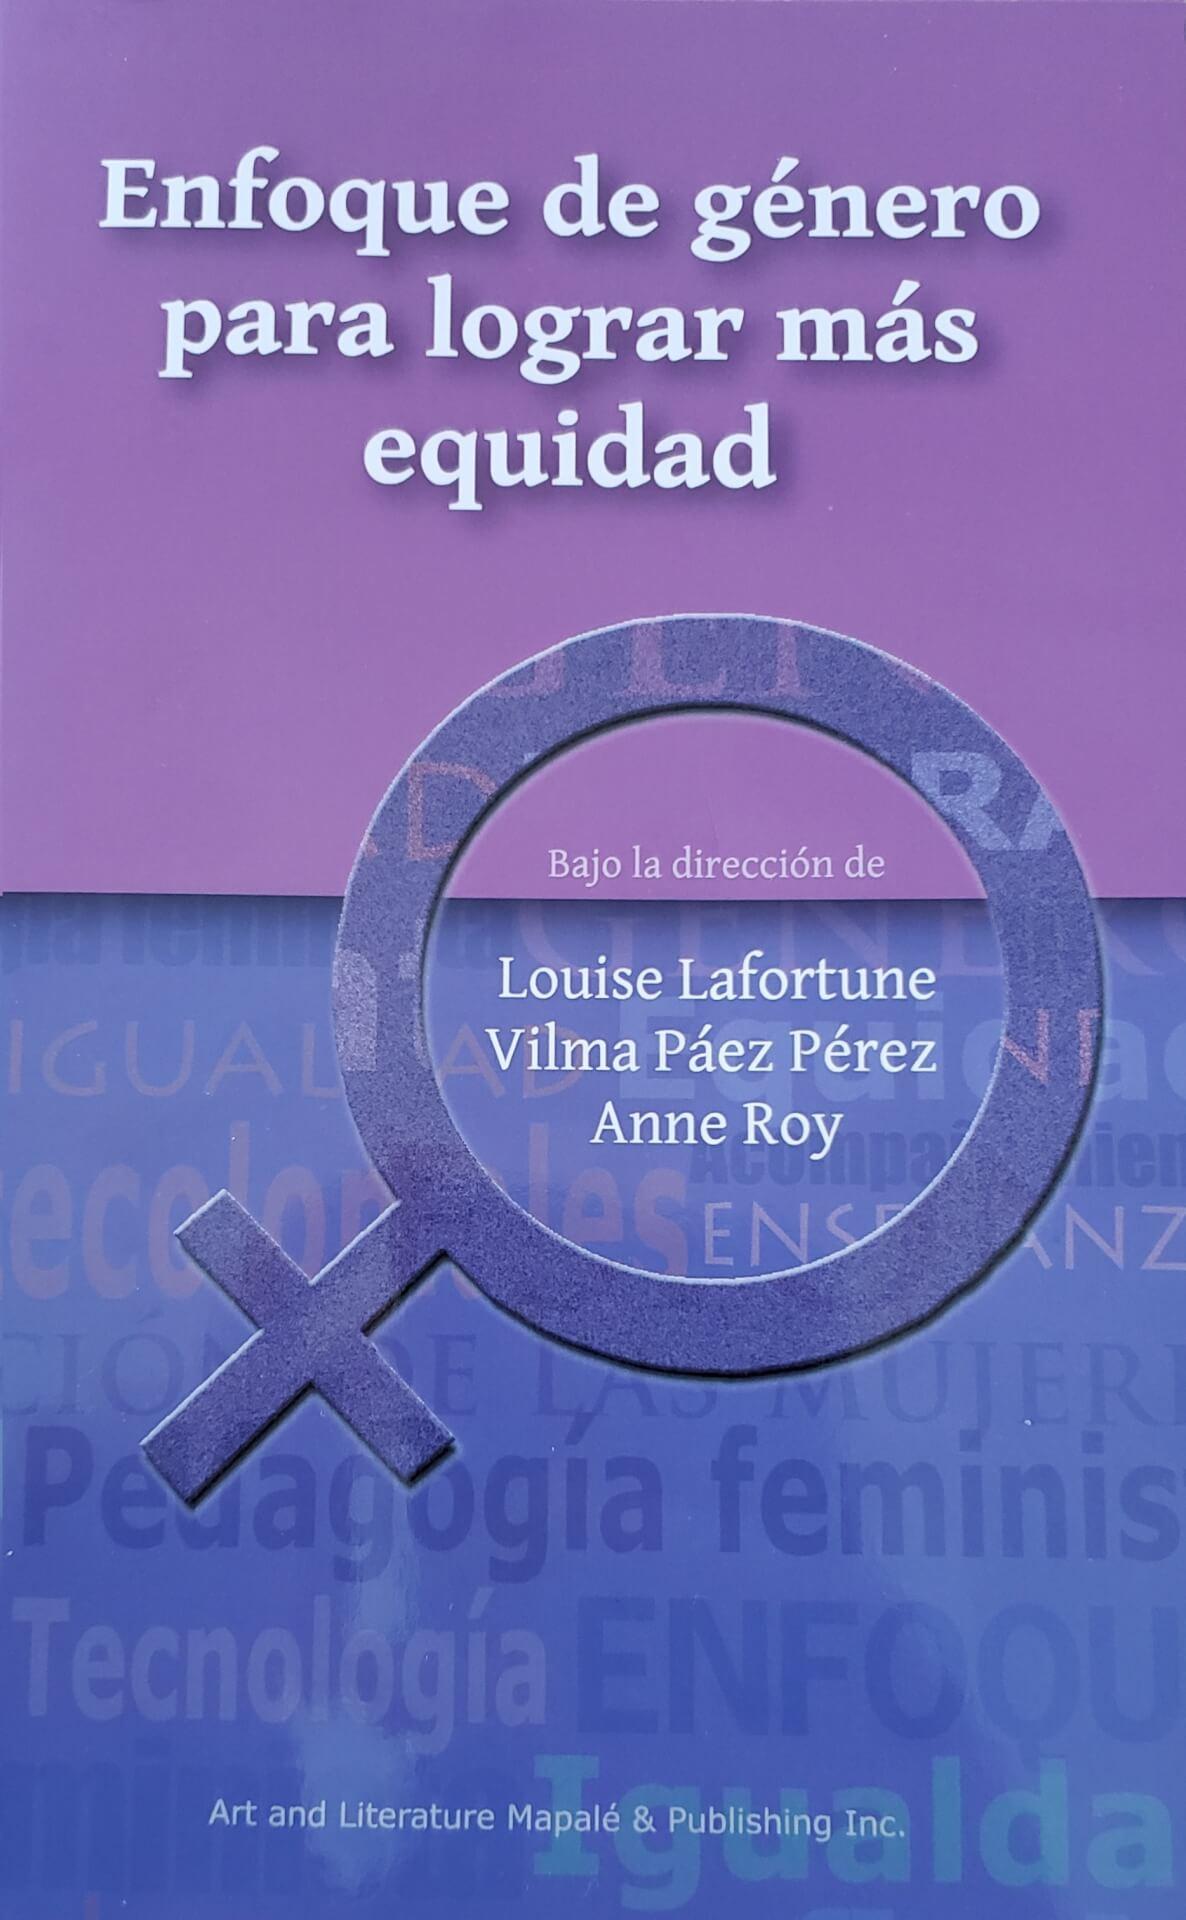 Enfoque de género para lograr más equidad